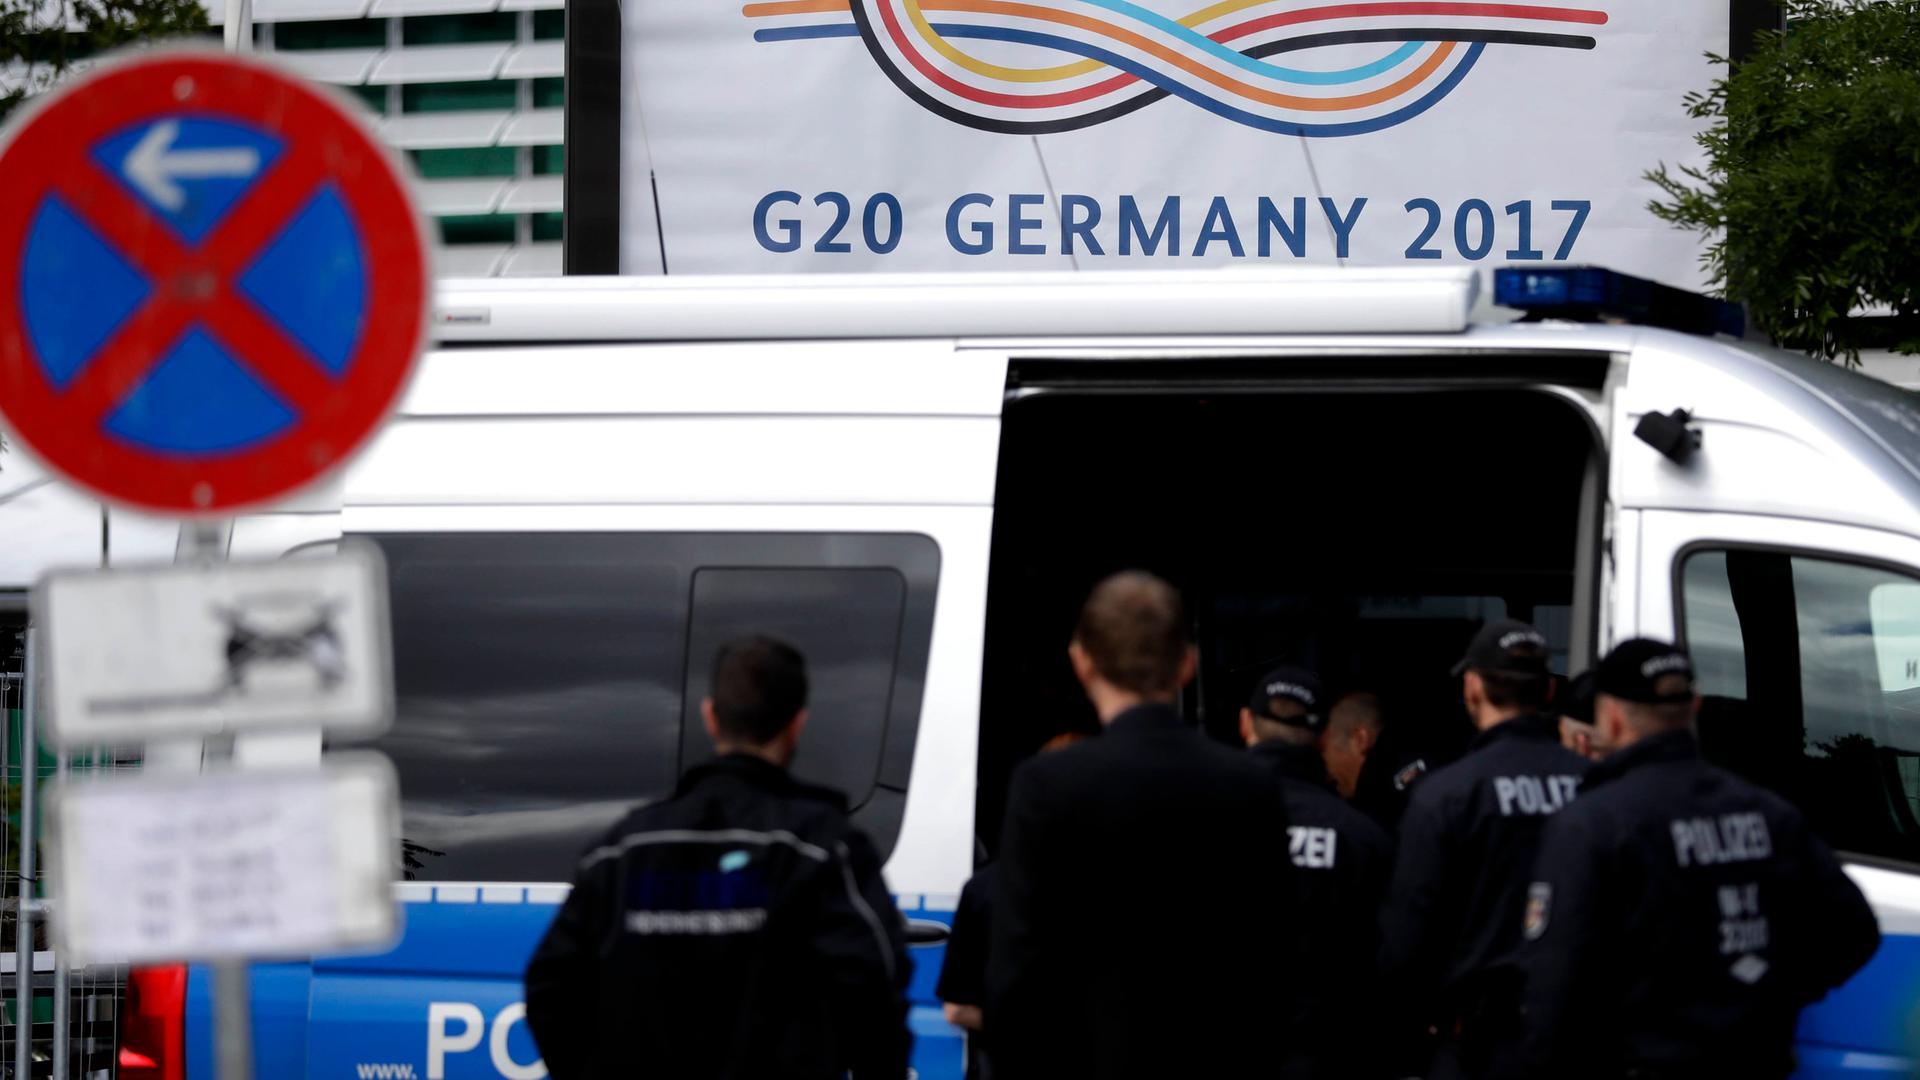 G20 Die Ereignisse Im Livestream Zdfmediathek